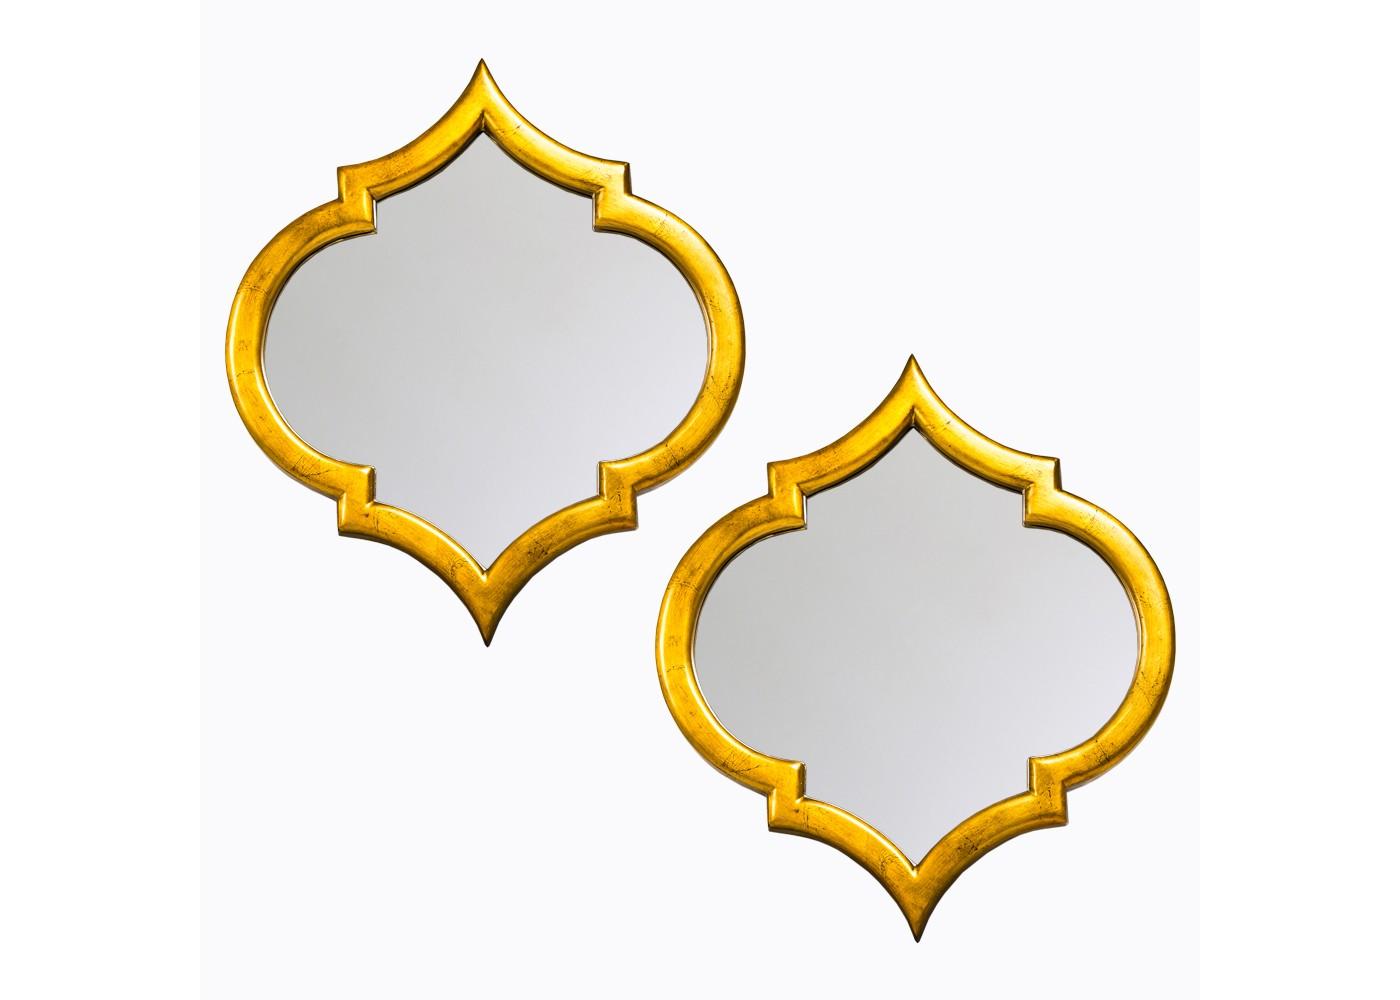 Комплект из двух настенных зеркал «Доминик»Настенные зеркала<br>&amp;quot;Доминик&amp;quot; ? набор зеркал, чье оформление искусно маневрирует на стыке практичности, лаконичности и роскоши. Функциональность декора проявляется в его способности увеличивать распространение света и выступать гармоничным украшение пространства. В дуэте золотистой палитры и симметричных плавных изгибов рождается имидж классической французской грации. Грации, которая в сиянии шарма ар деко, прованса или рококо будет смотреться невероятно гармонично.&amp;lt;div&amp;gt;&amp;lt;br&amp;gt;&amp;lt;/div&amp;gt;&amp;lt;div&amp;gt;Размер каждого зеркала: 52?58?3,85 см.&amp;lt;/div&amp;gt;&amp;lt;div&amp;gt;Вес (1 штука): 2,1 кг.&amp;lt;/div&amp;gt;<br><br>Material: Полиуретан